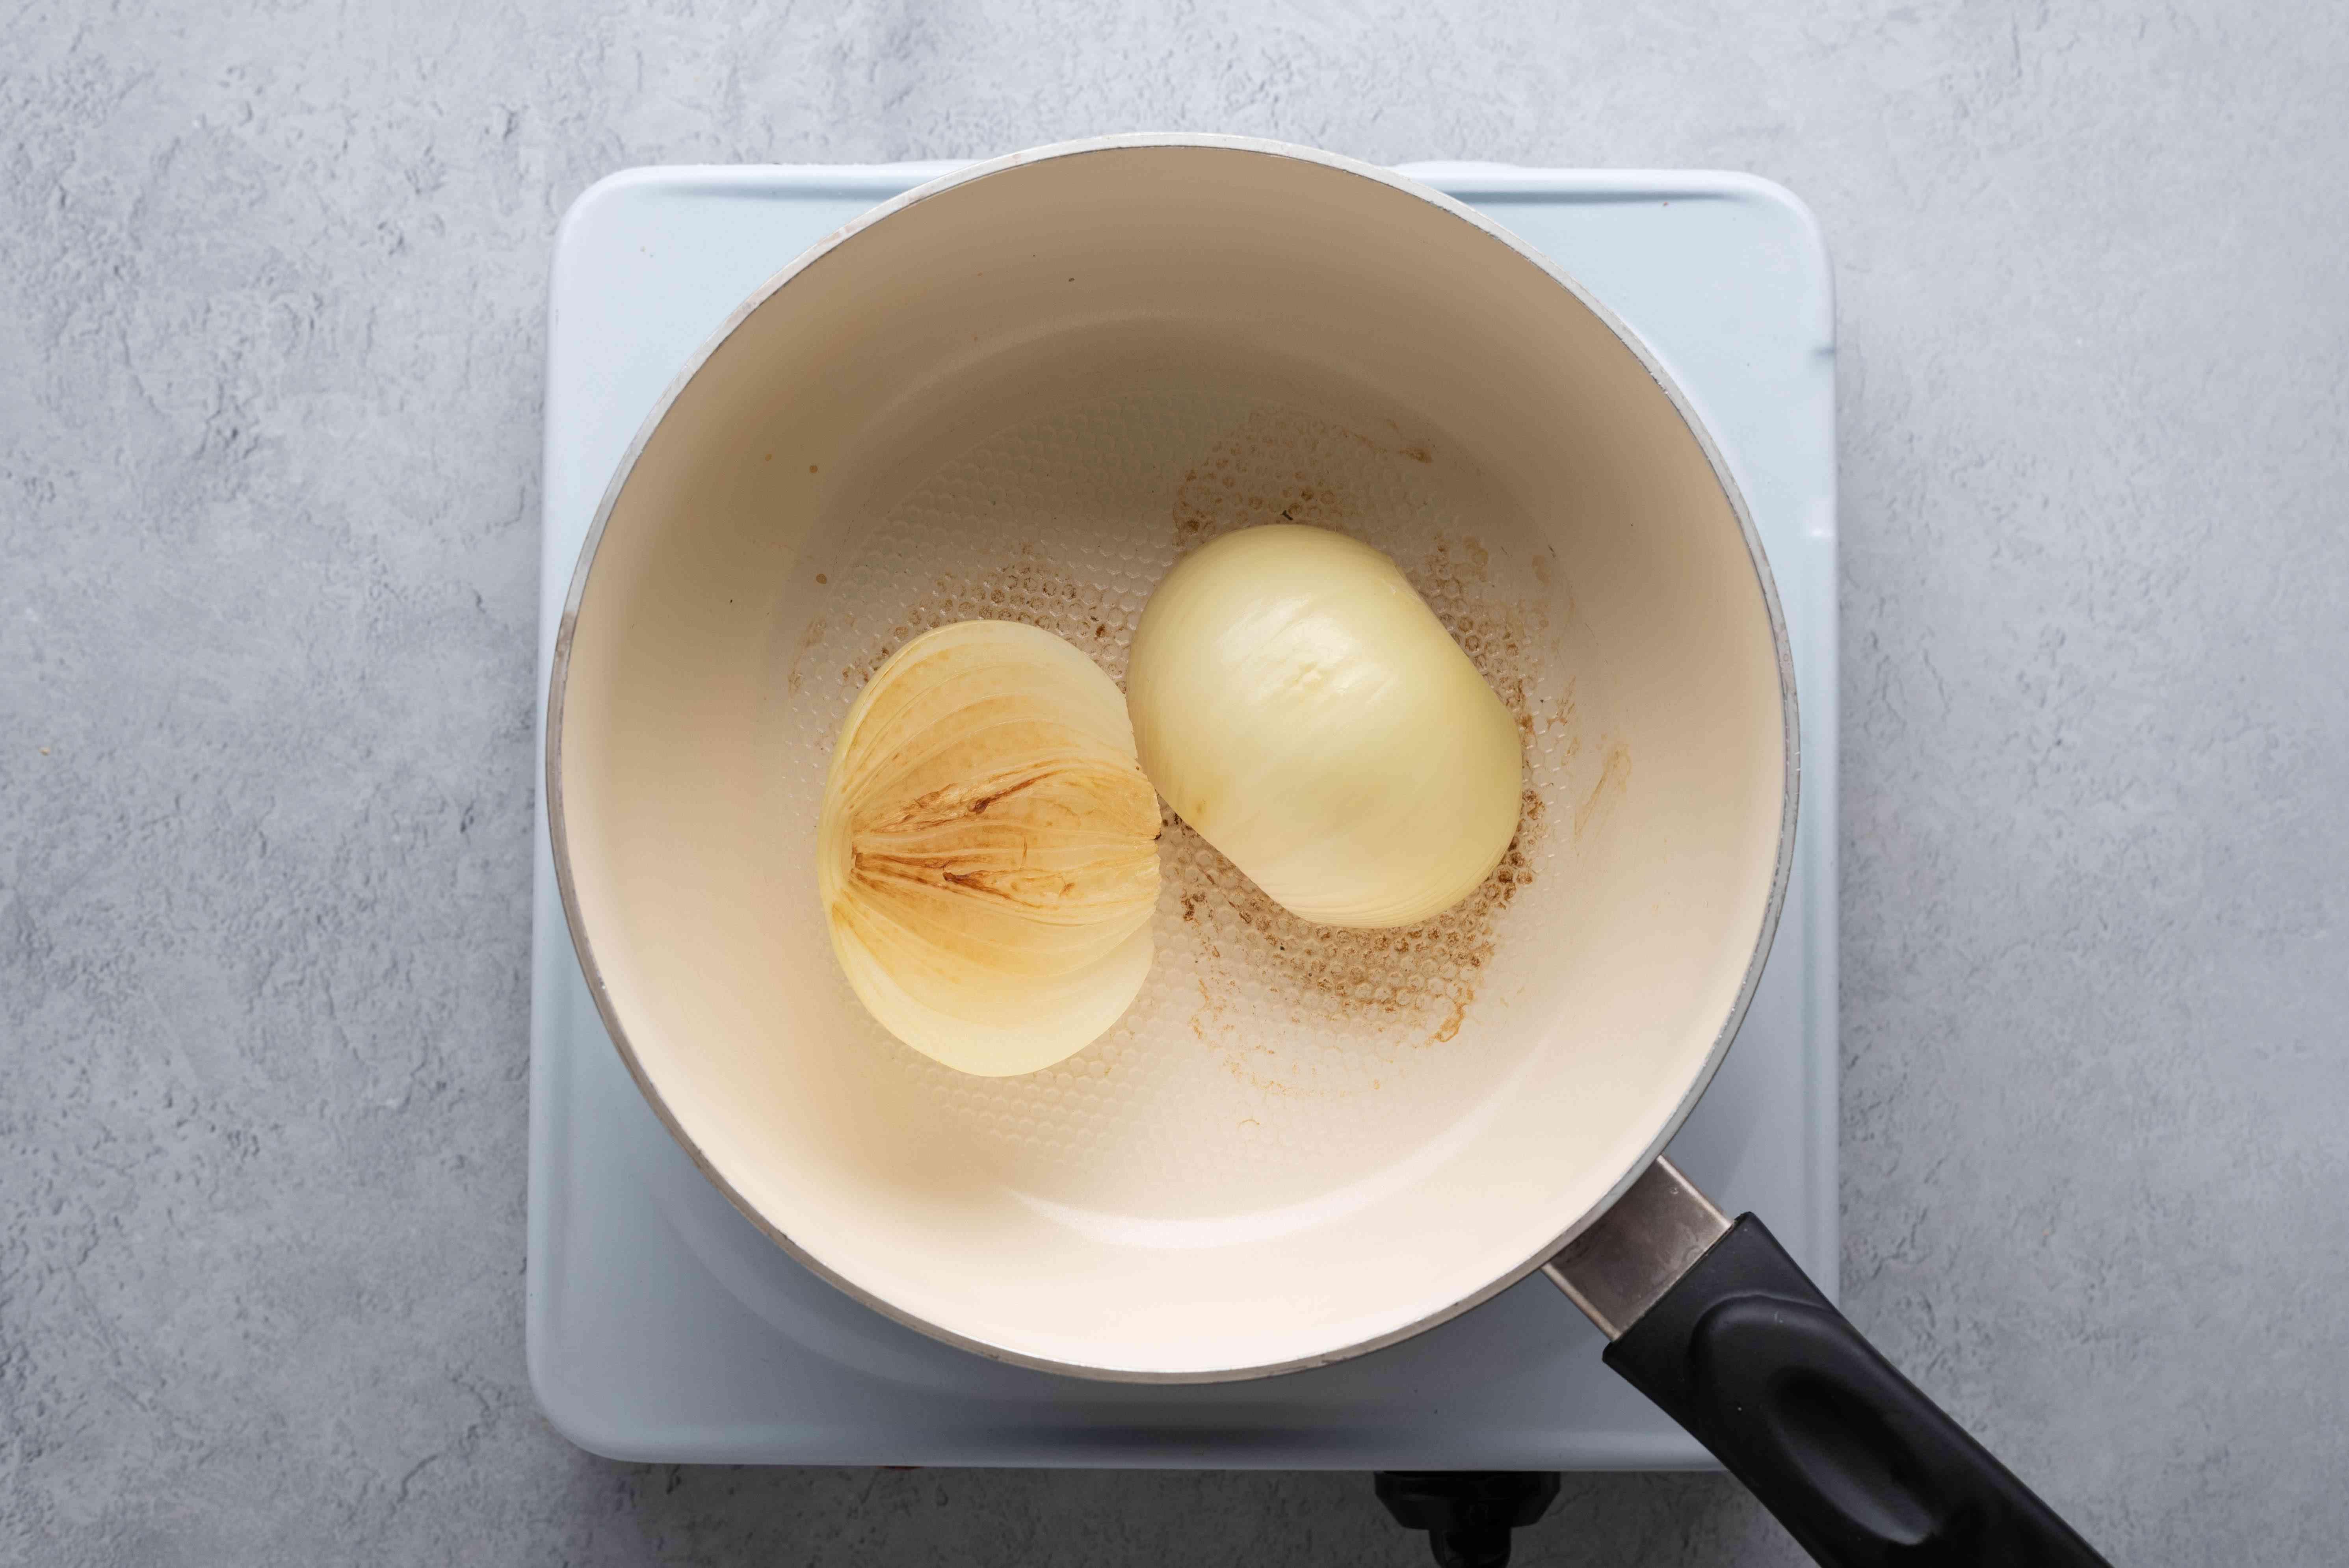 Onion in a saucepan